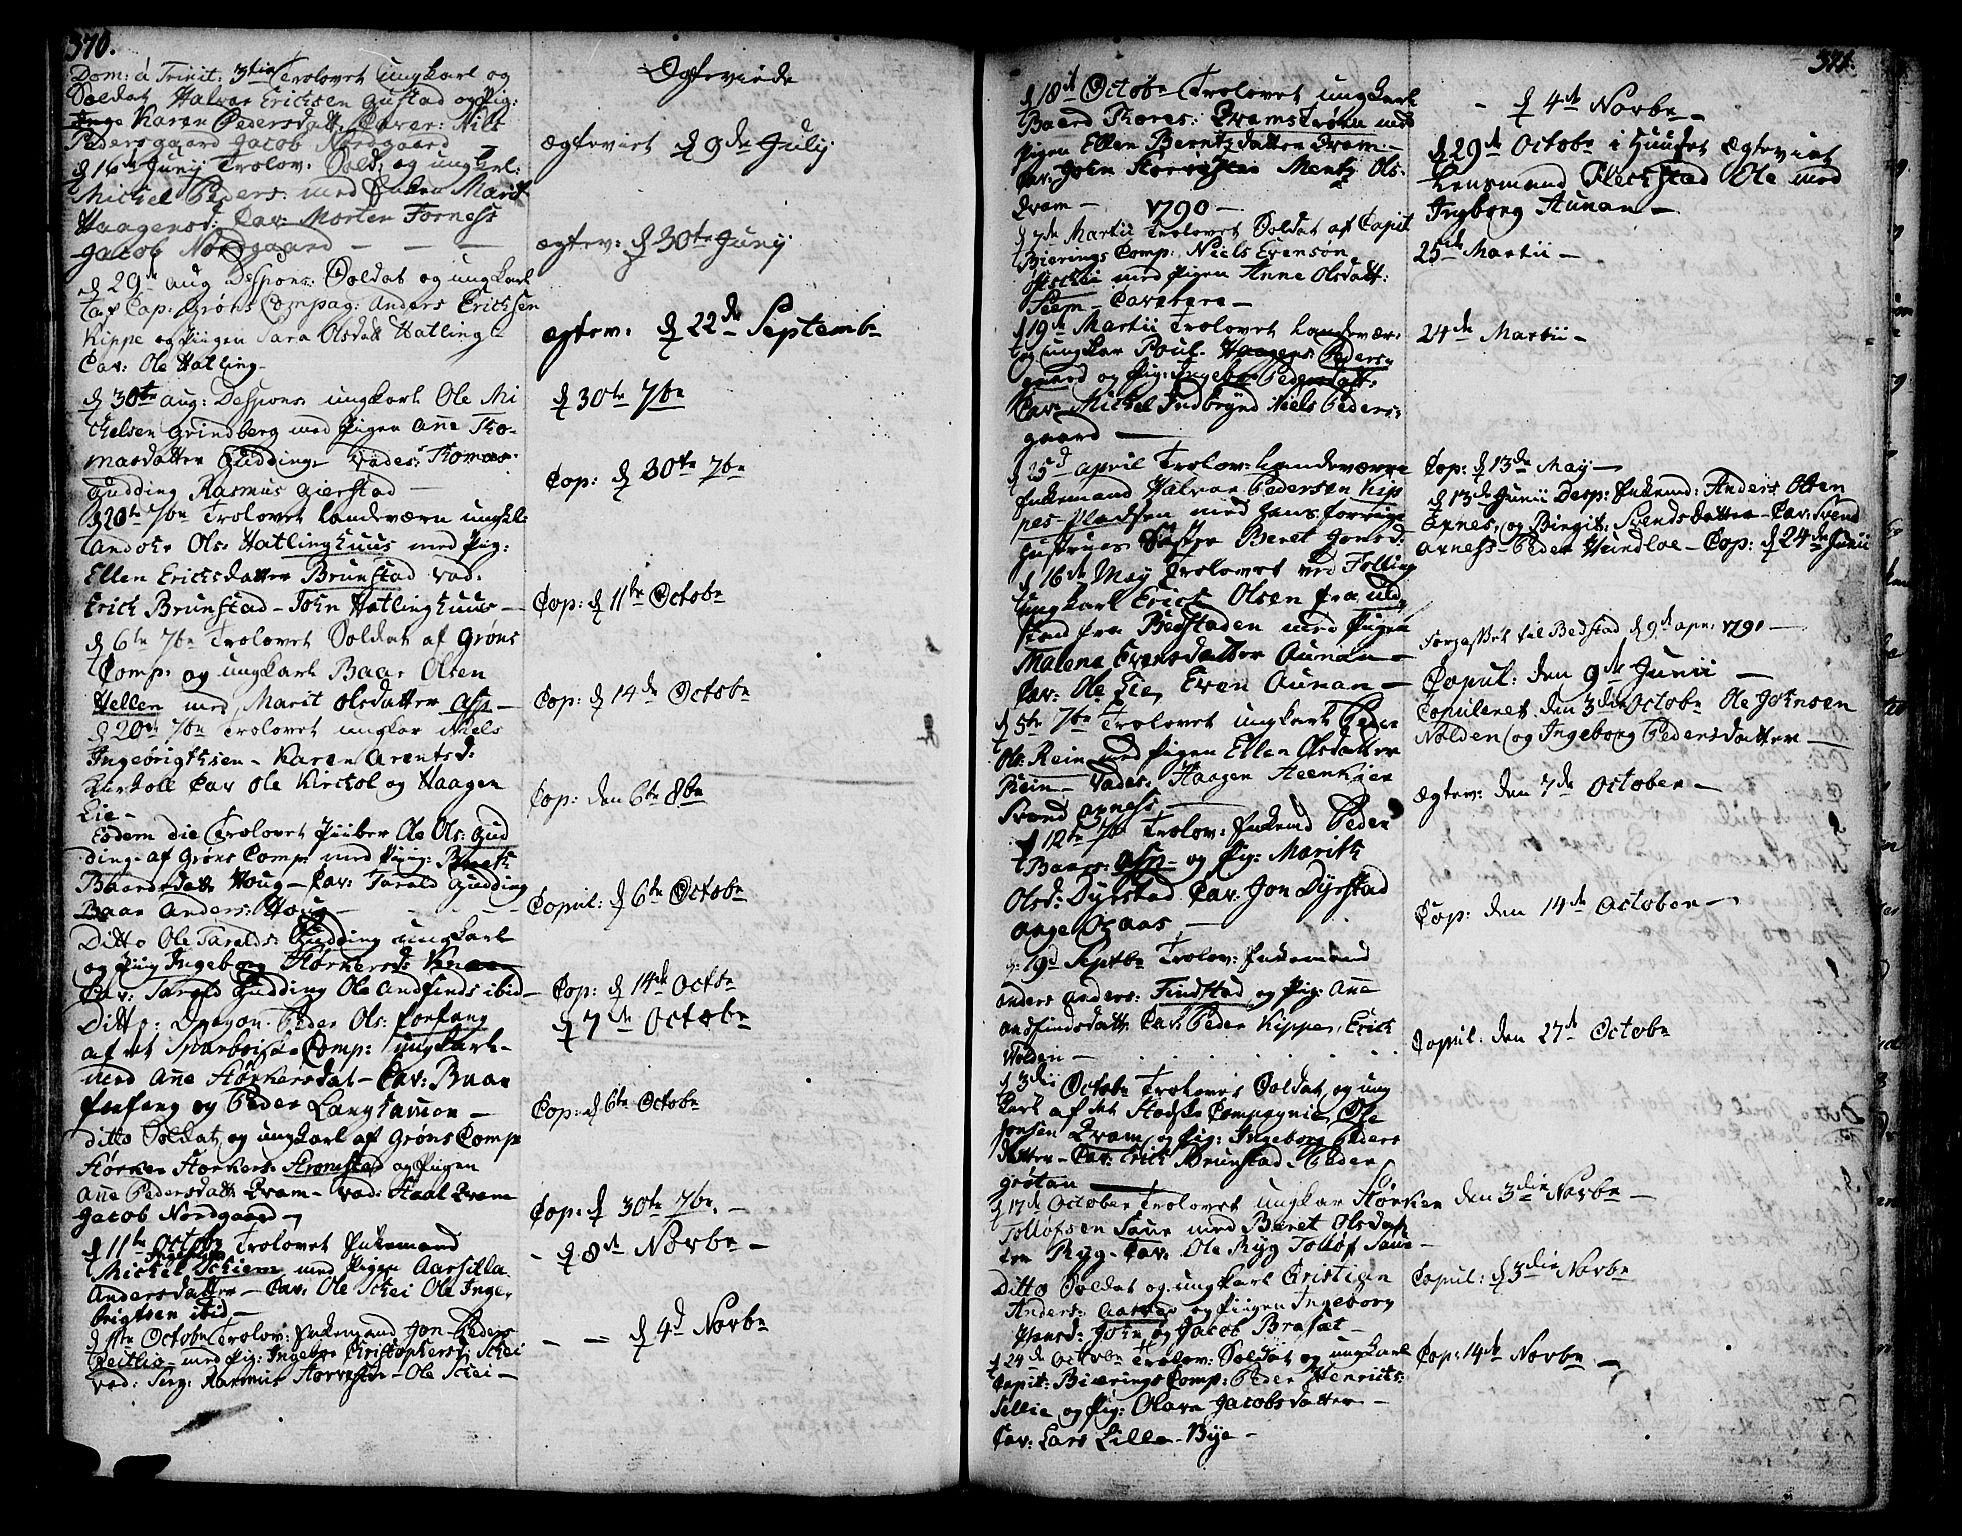 SAT, Ministerialprotokoller, klokkerbøker og fødselsregistre - Nord-Trøndelag, 746/L0440: Ministerialbok nr. 746A02, 1760-1815, s. 370-371